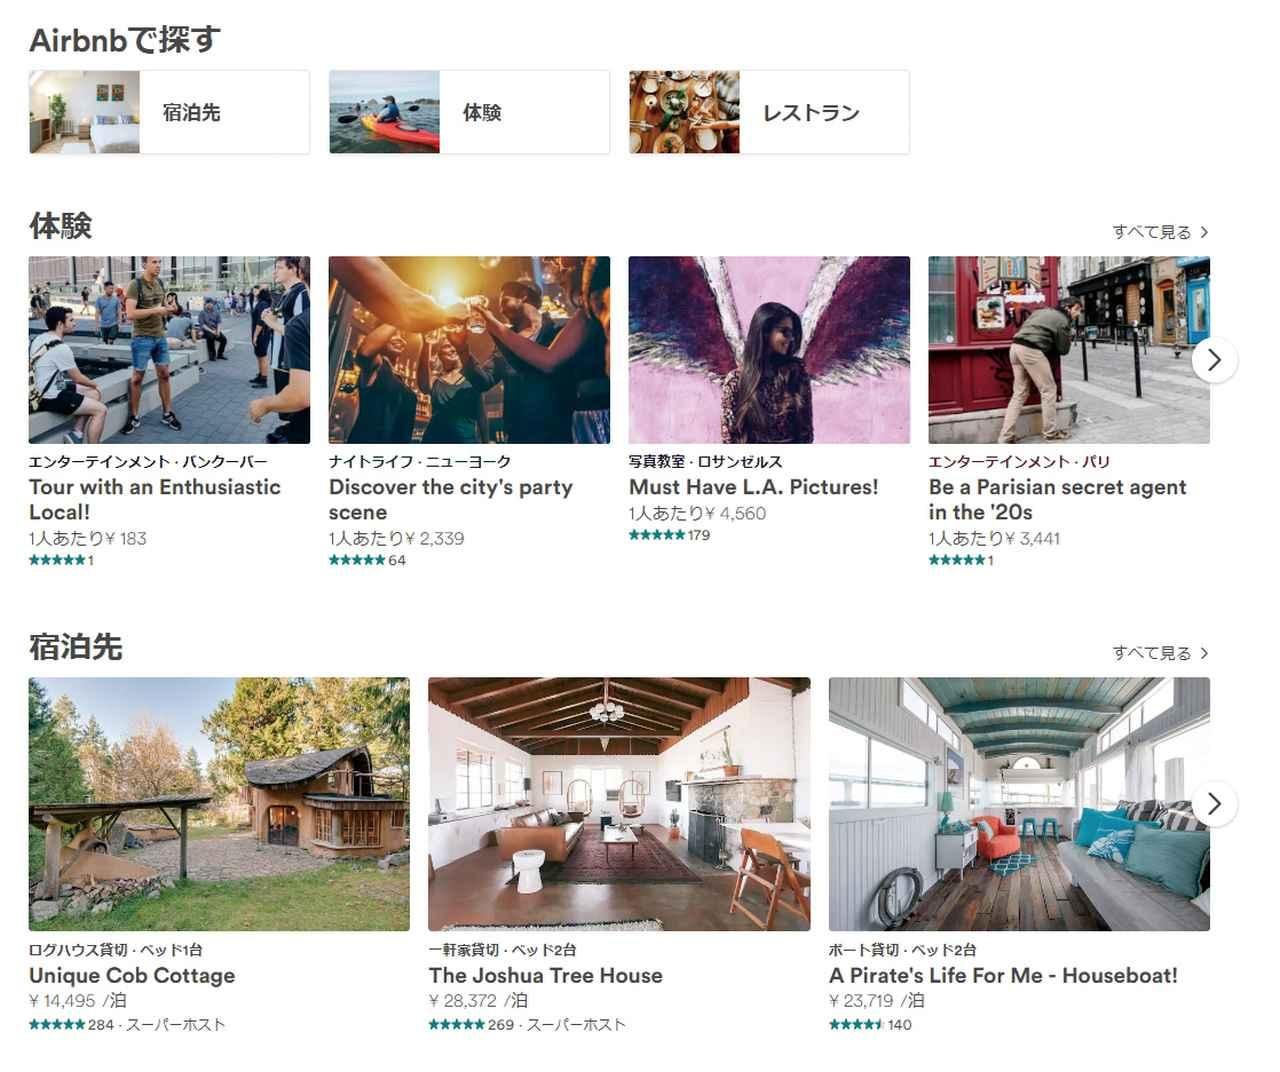 画像: 今日のシェアリングエコノミーブームの草分けともいわれる民泊の仲介サービス「Airbnb」( https://www.airbnb.jp/)。